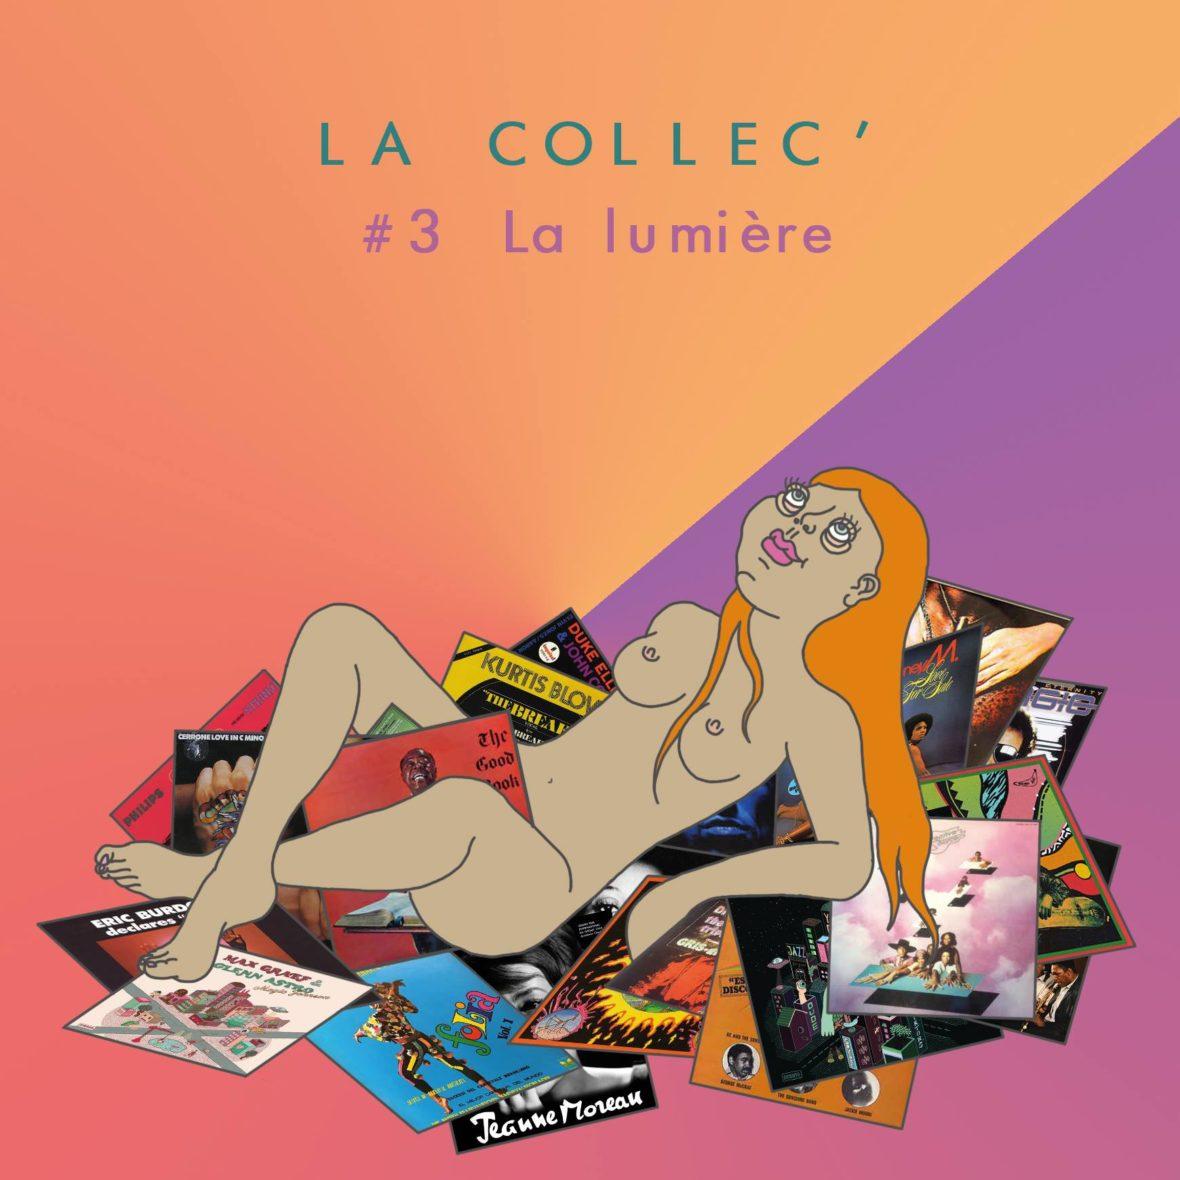 Lumières La Collec Podcast Cannelle Mekki